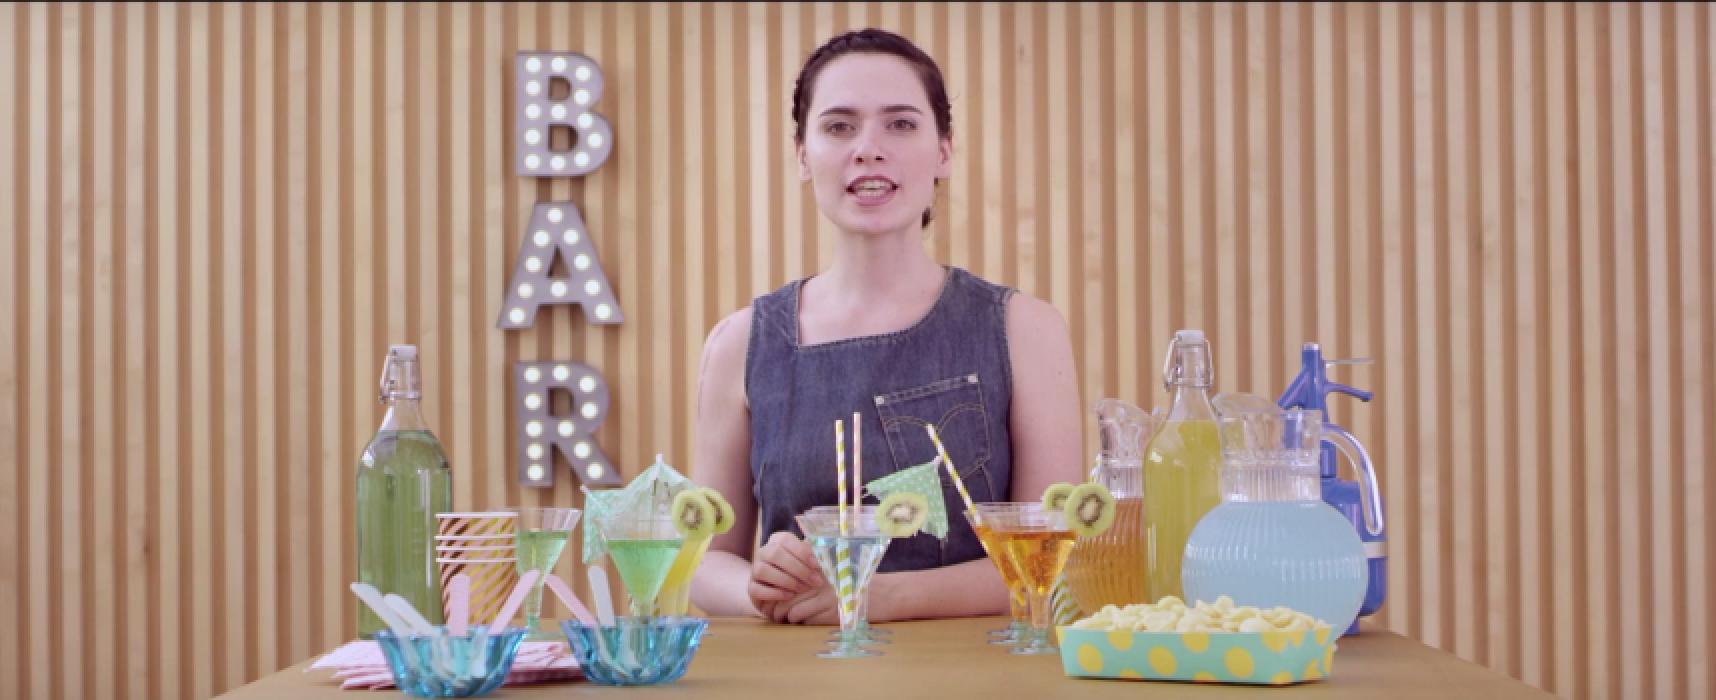 """Erica Mou reinterpreta """"L'edera"""" di Nilla Pizzi, on line il suo nuovo VIDEOCLIP"""